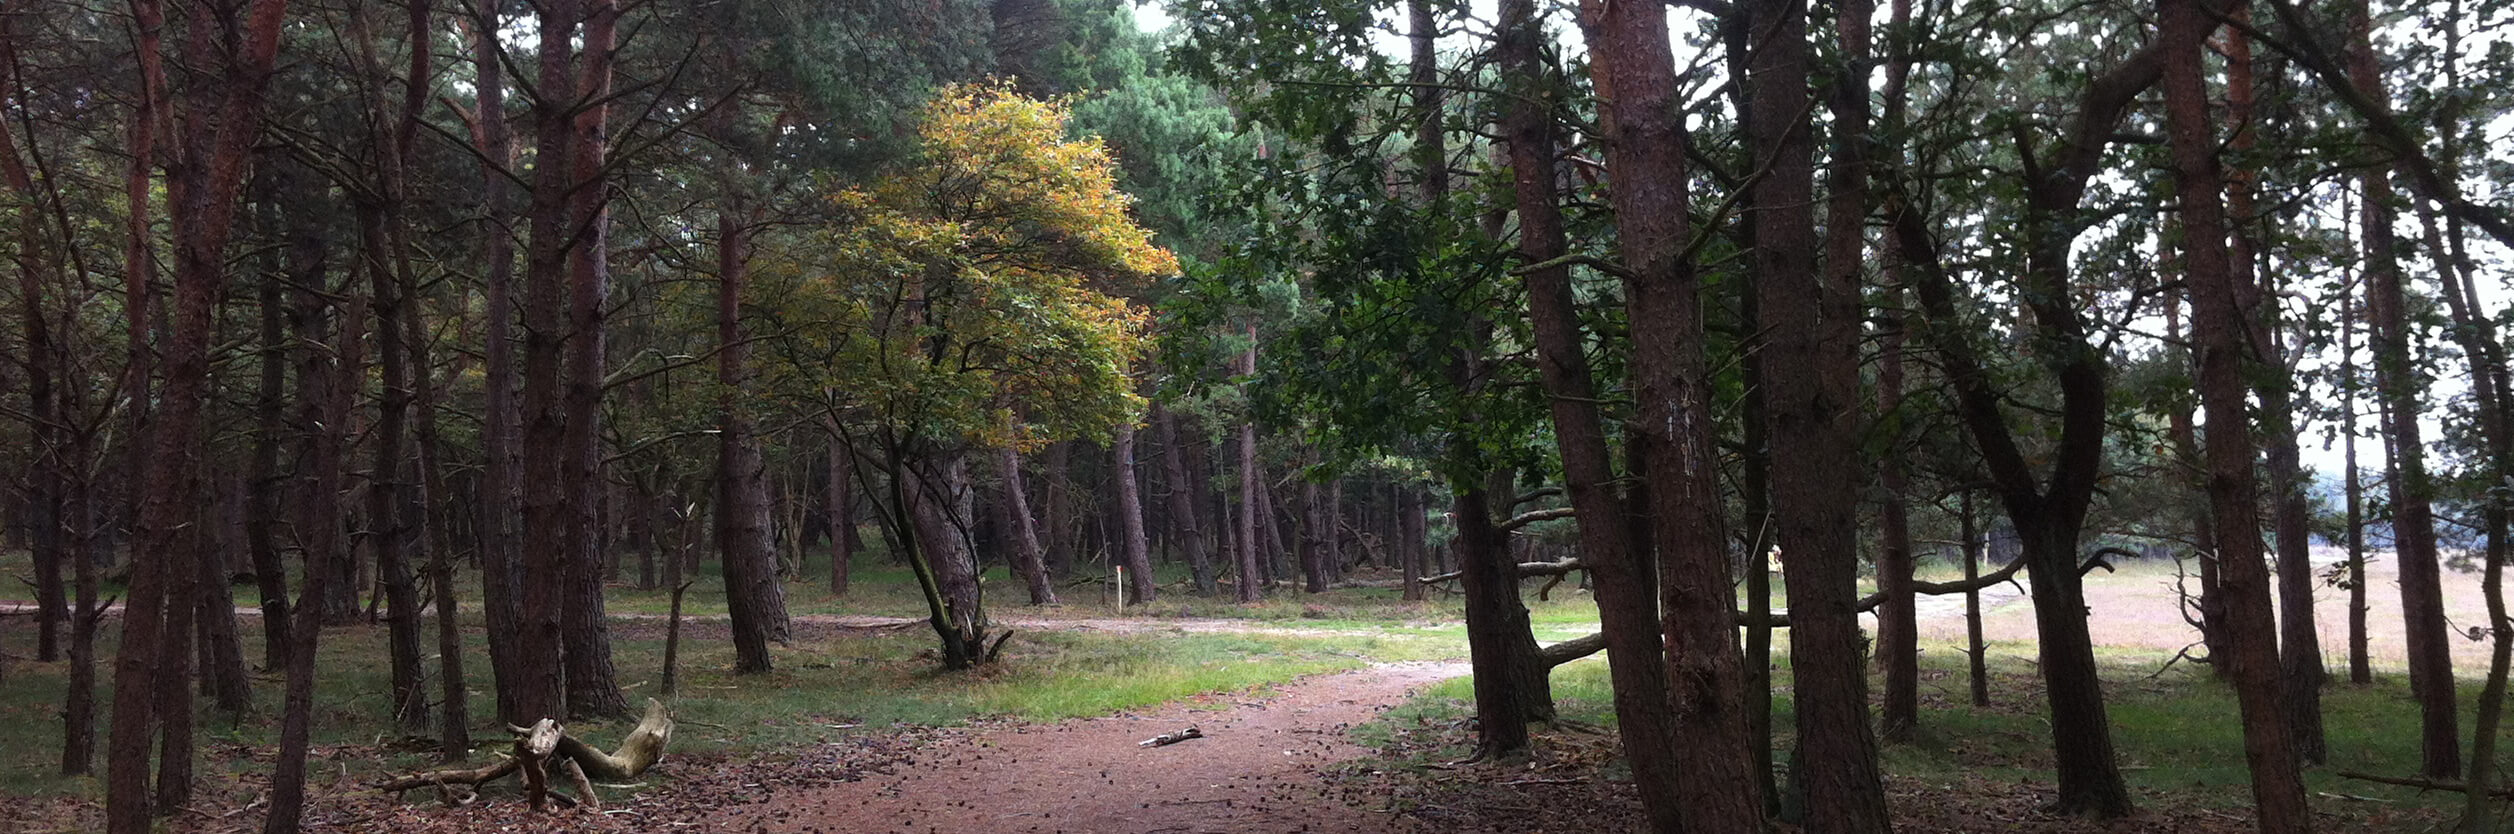 Bussum heide herfst nabij locatie compassietraining